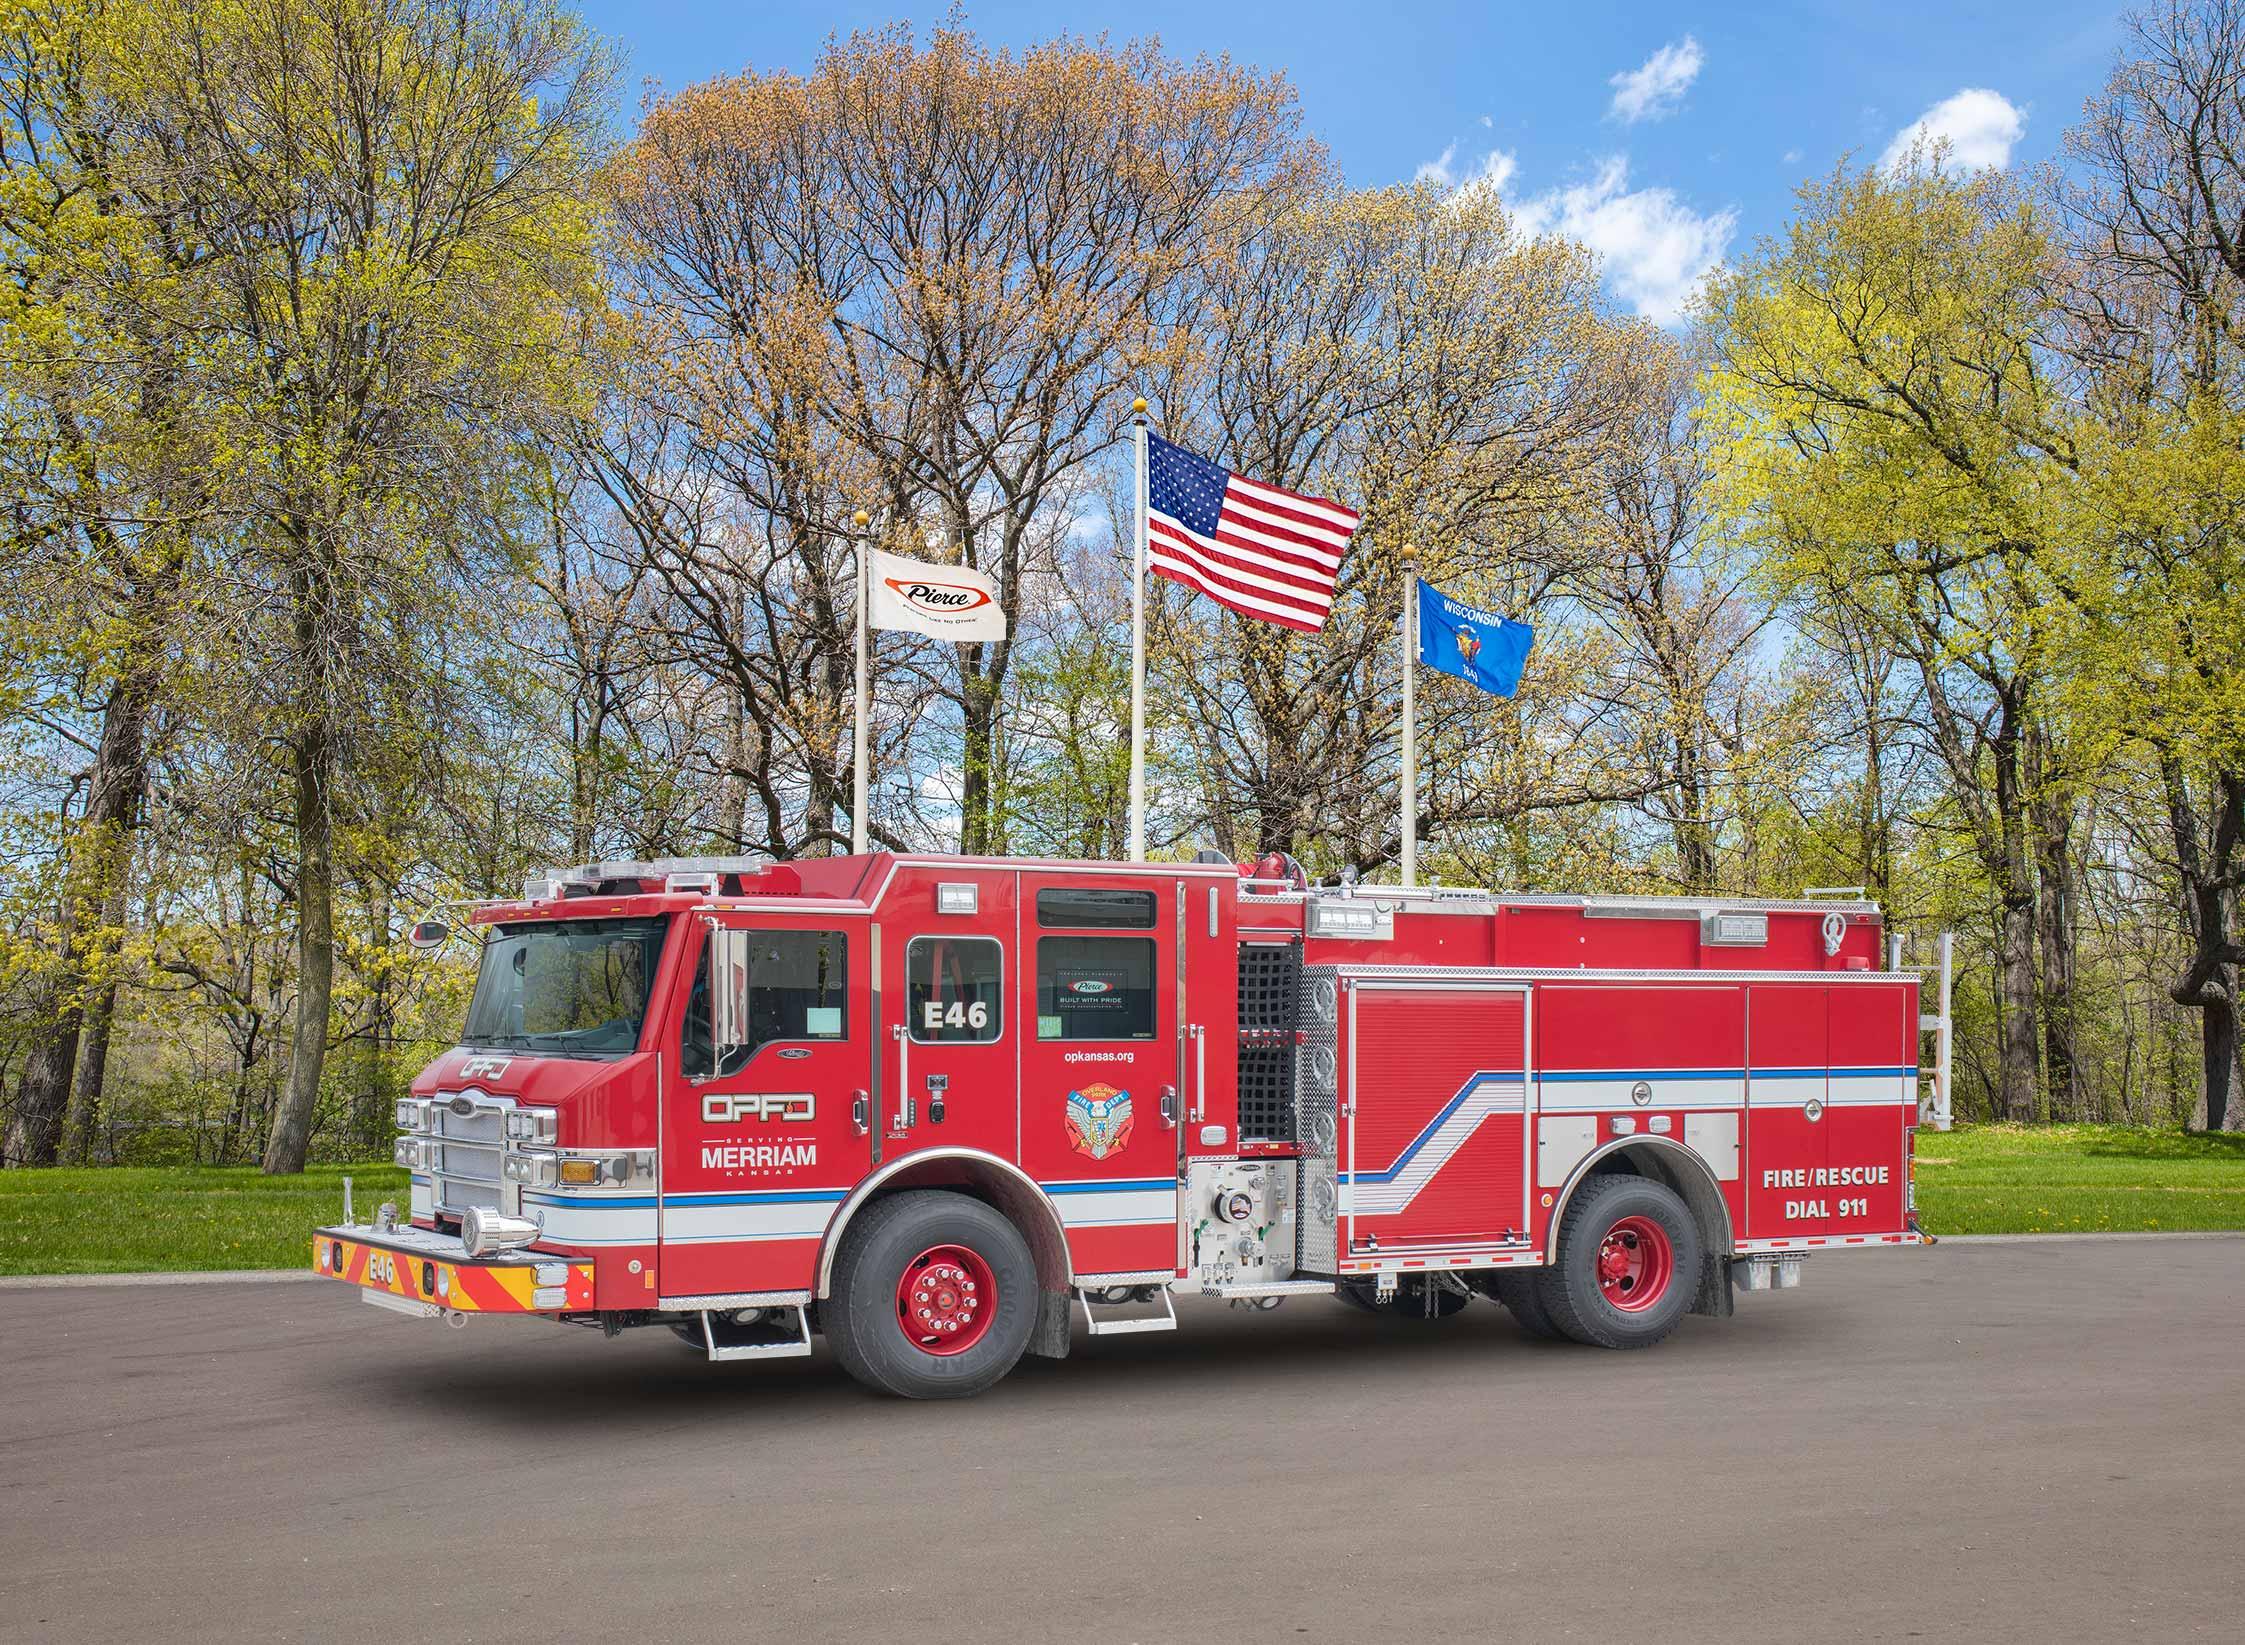 Overland Park Fire Department - Pumper